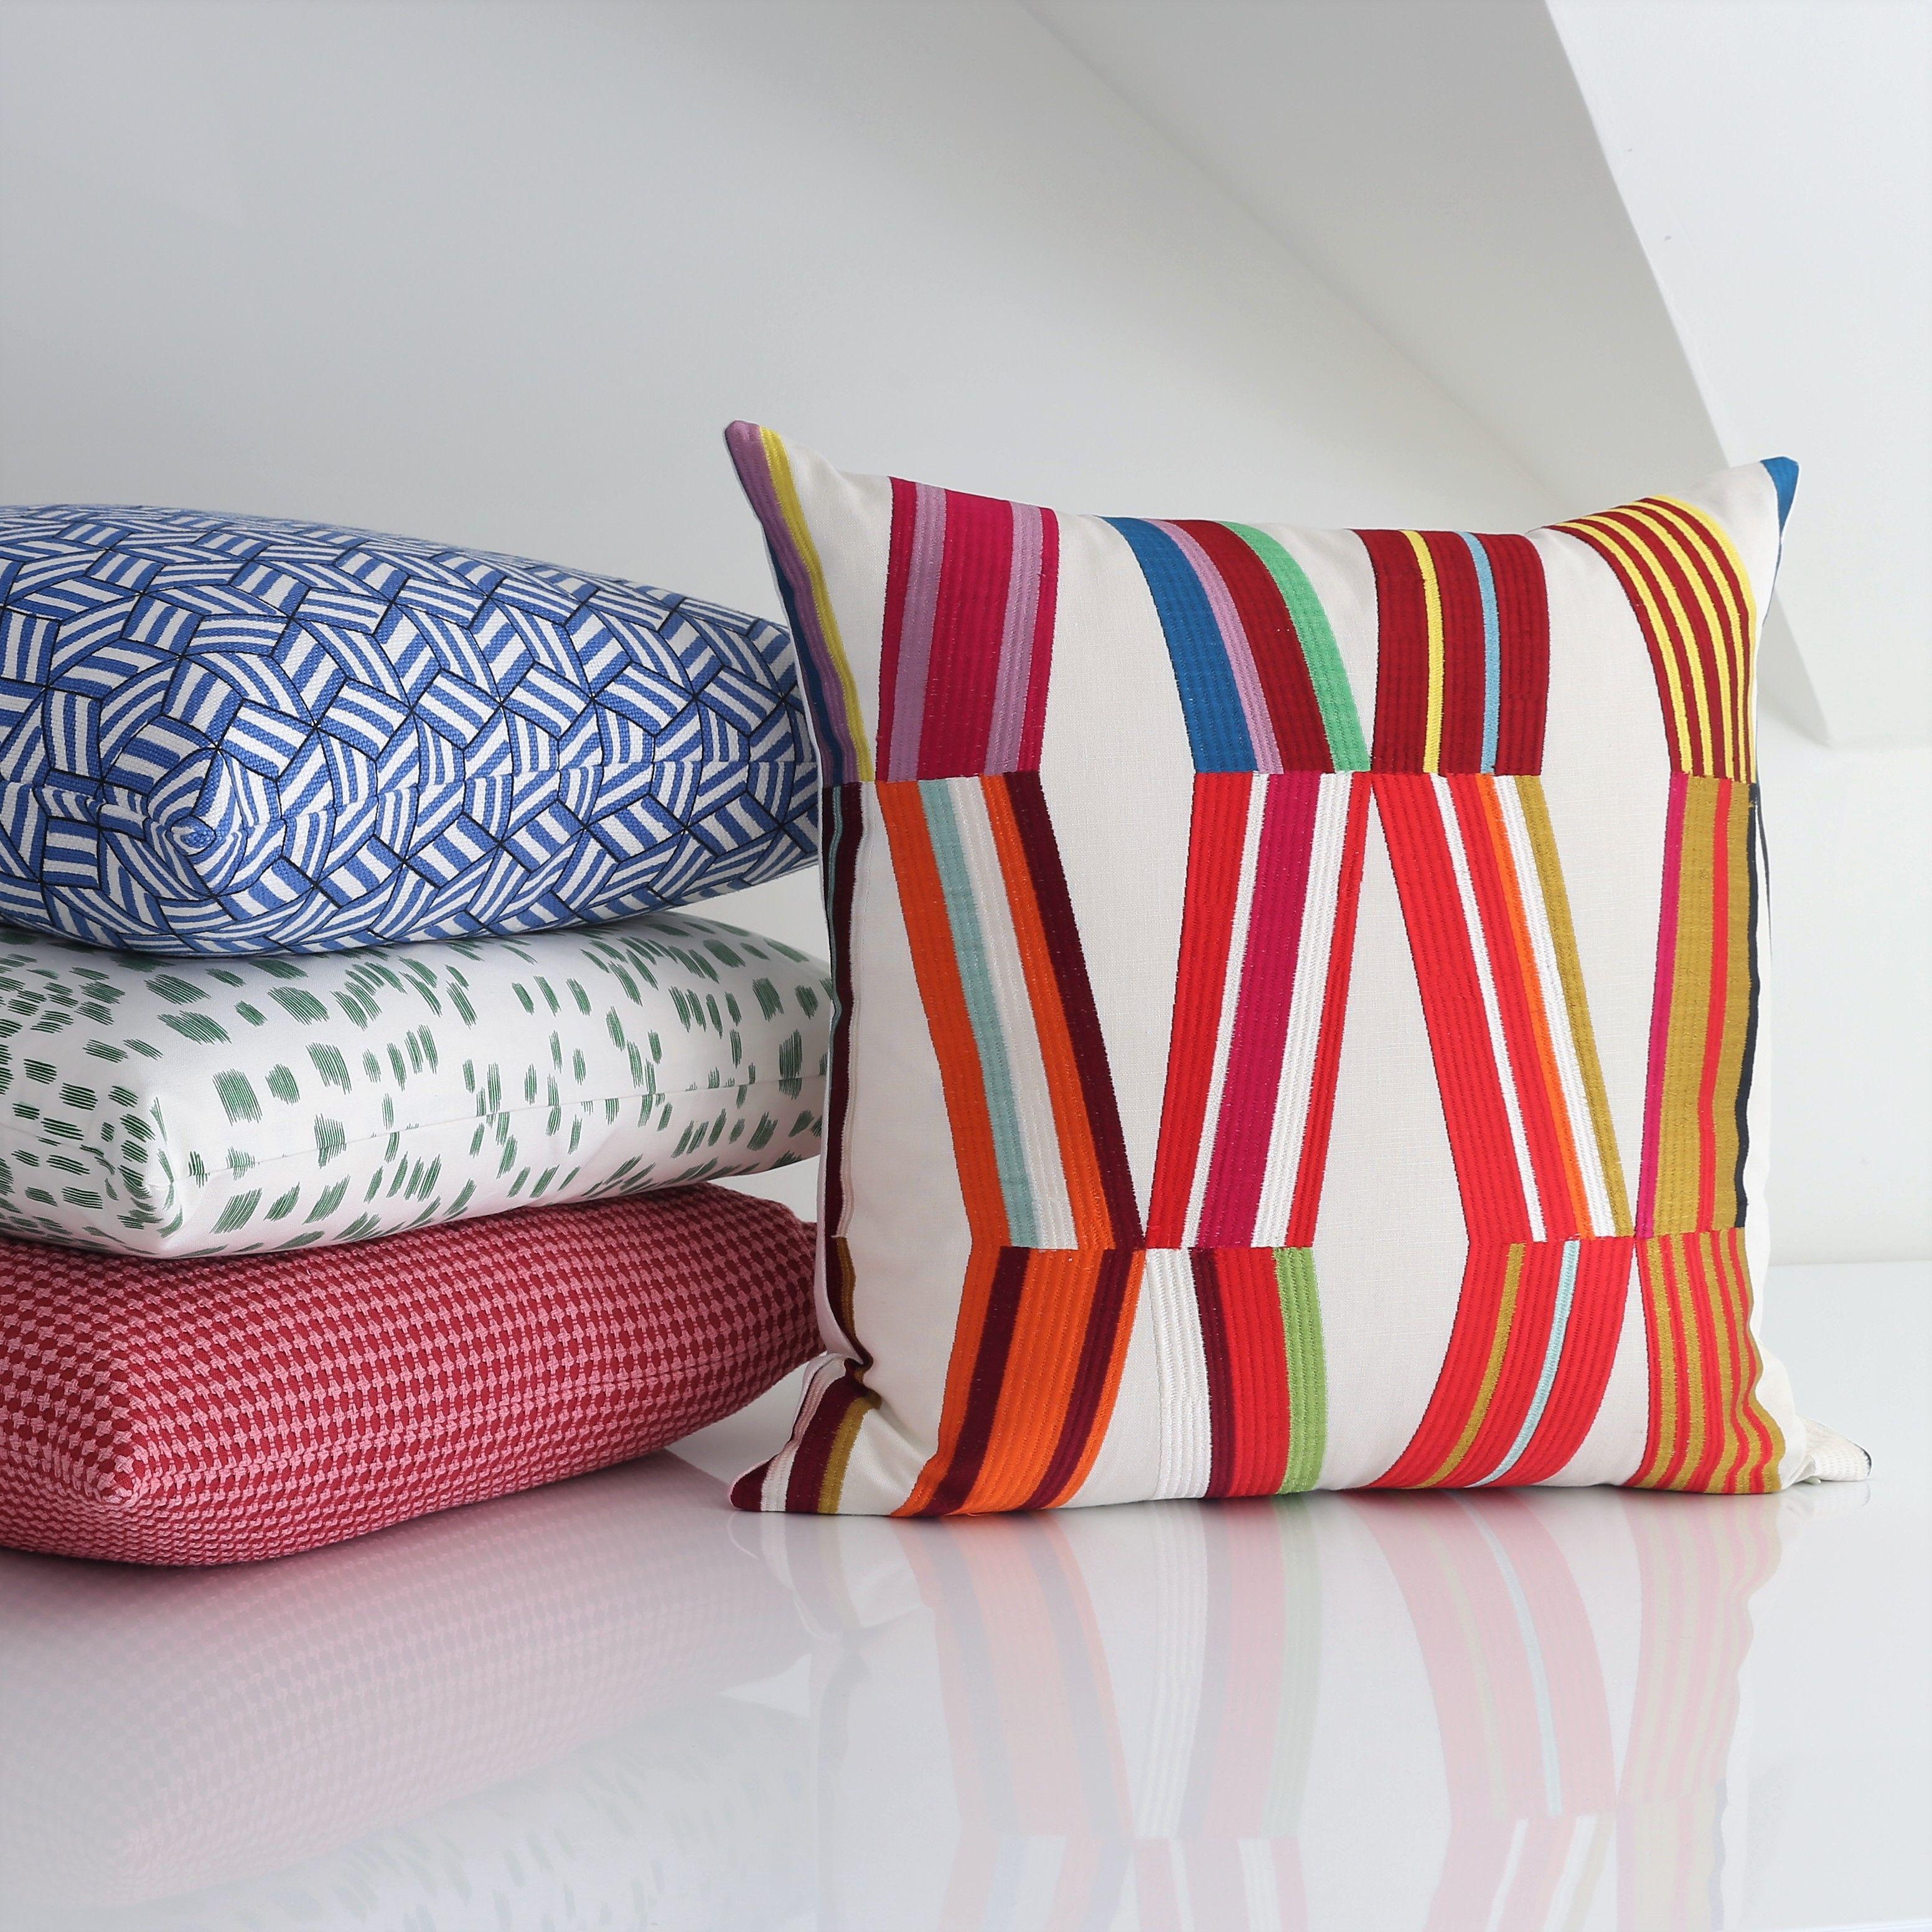 130 Stuck On Hue Designer Pillows Ideas In 2021 Designer Pillow Pillow Covers Pillows